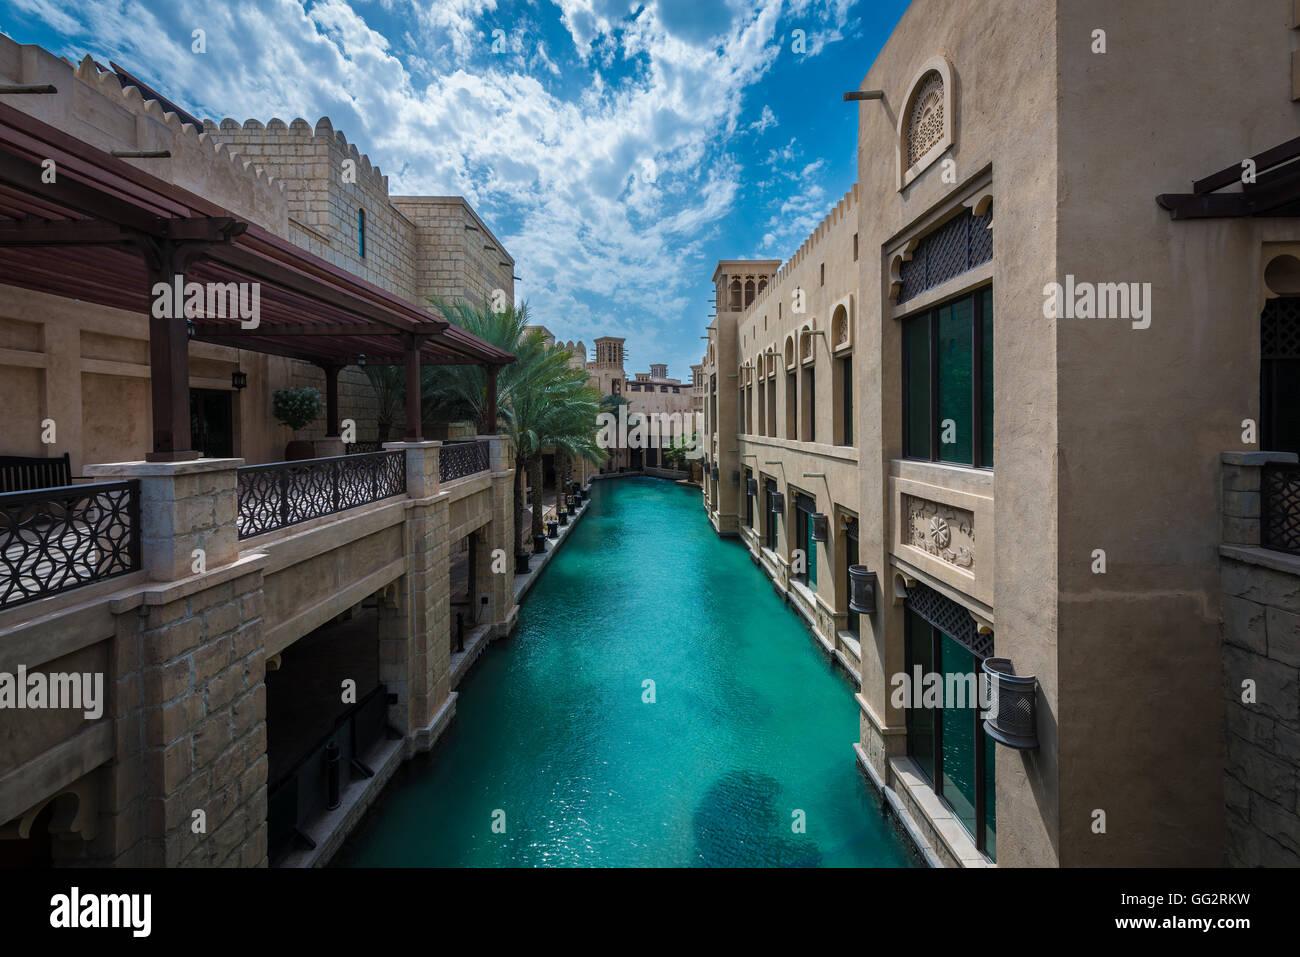 Souk Madinat Jumeirah, Dubaï, Émirats Arabes Unis Banque D'Images